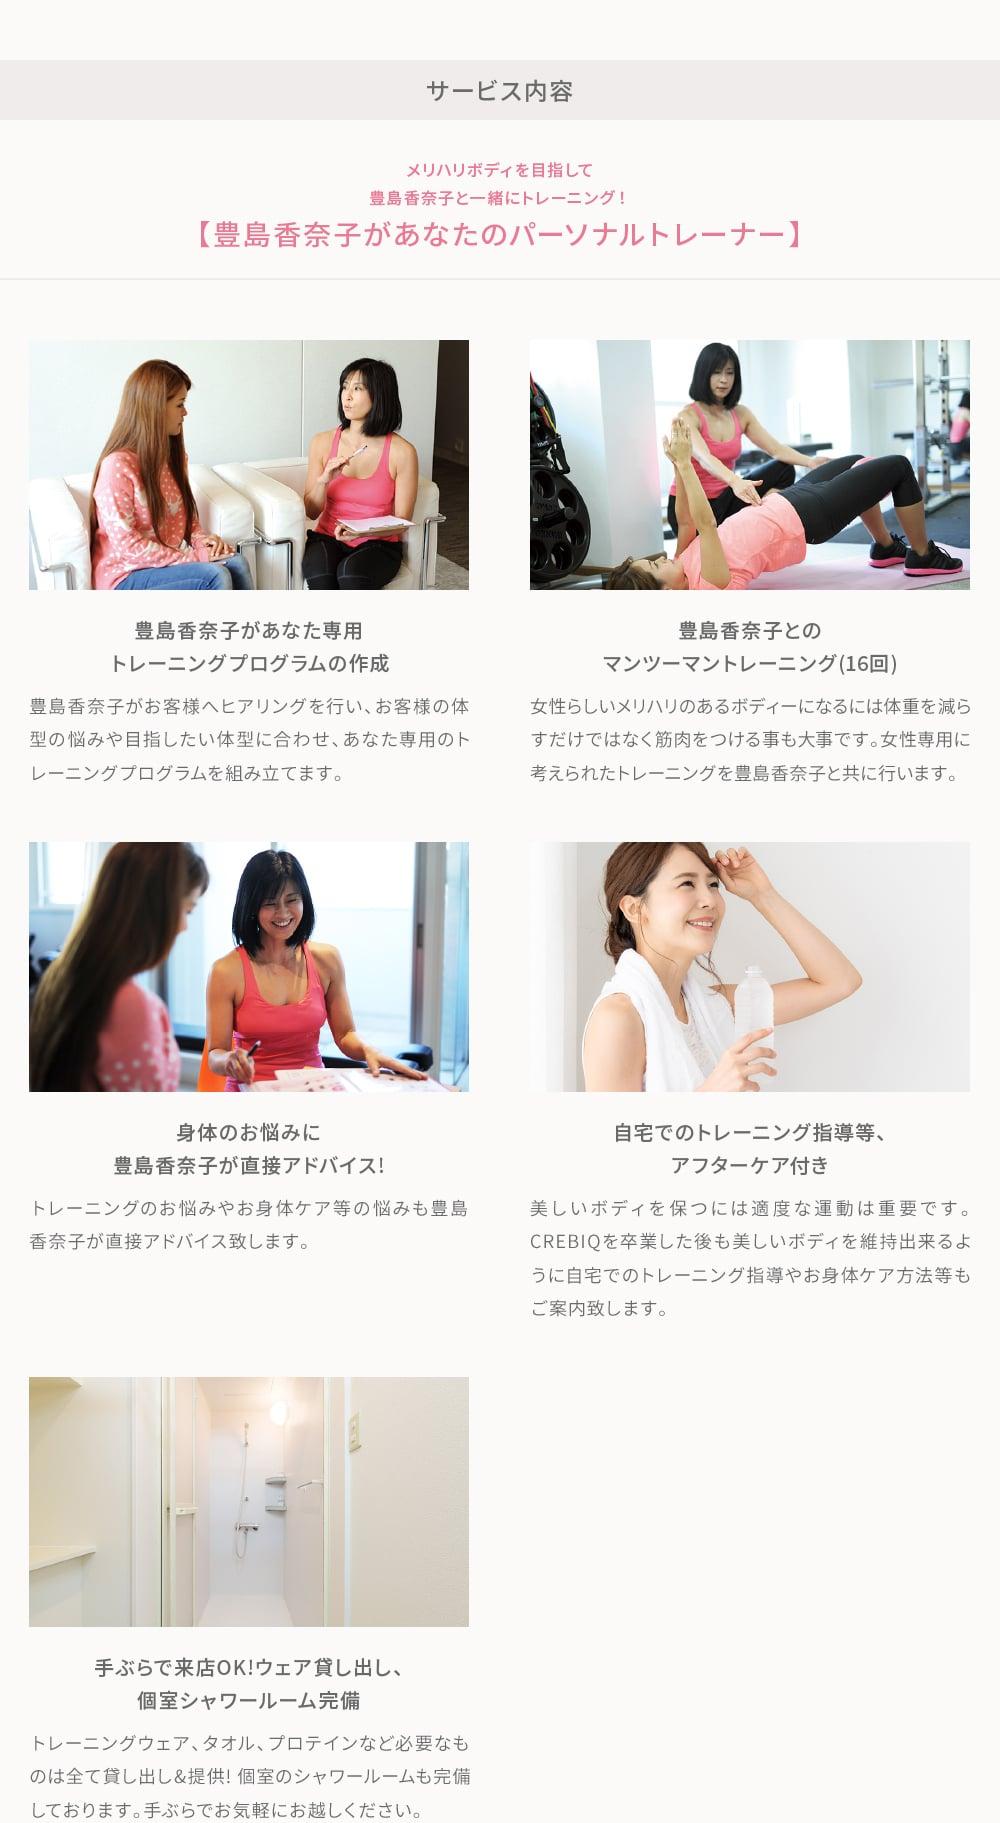 メリハリボディを目指して豊島香奈子と一緒にトレーニング!